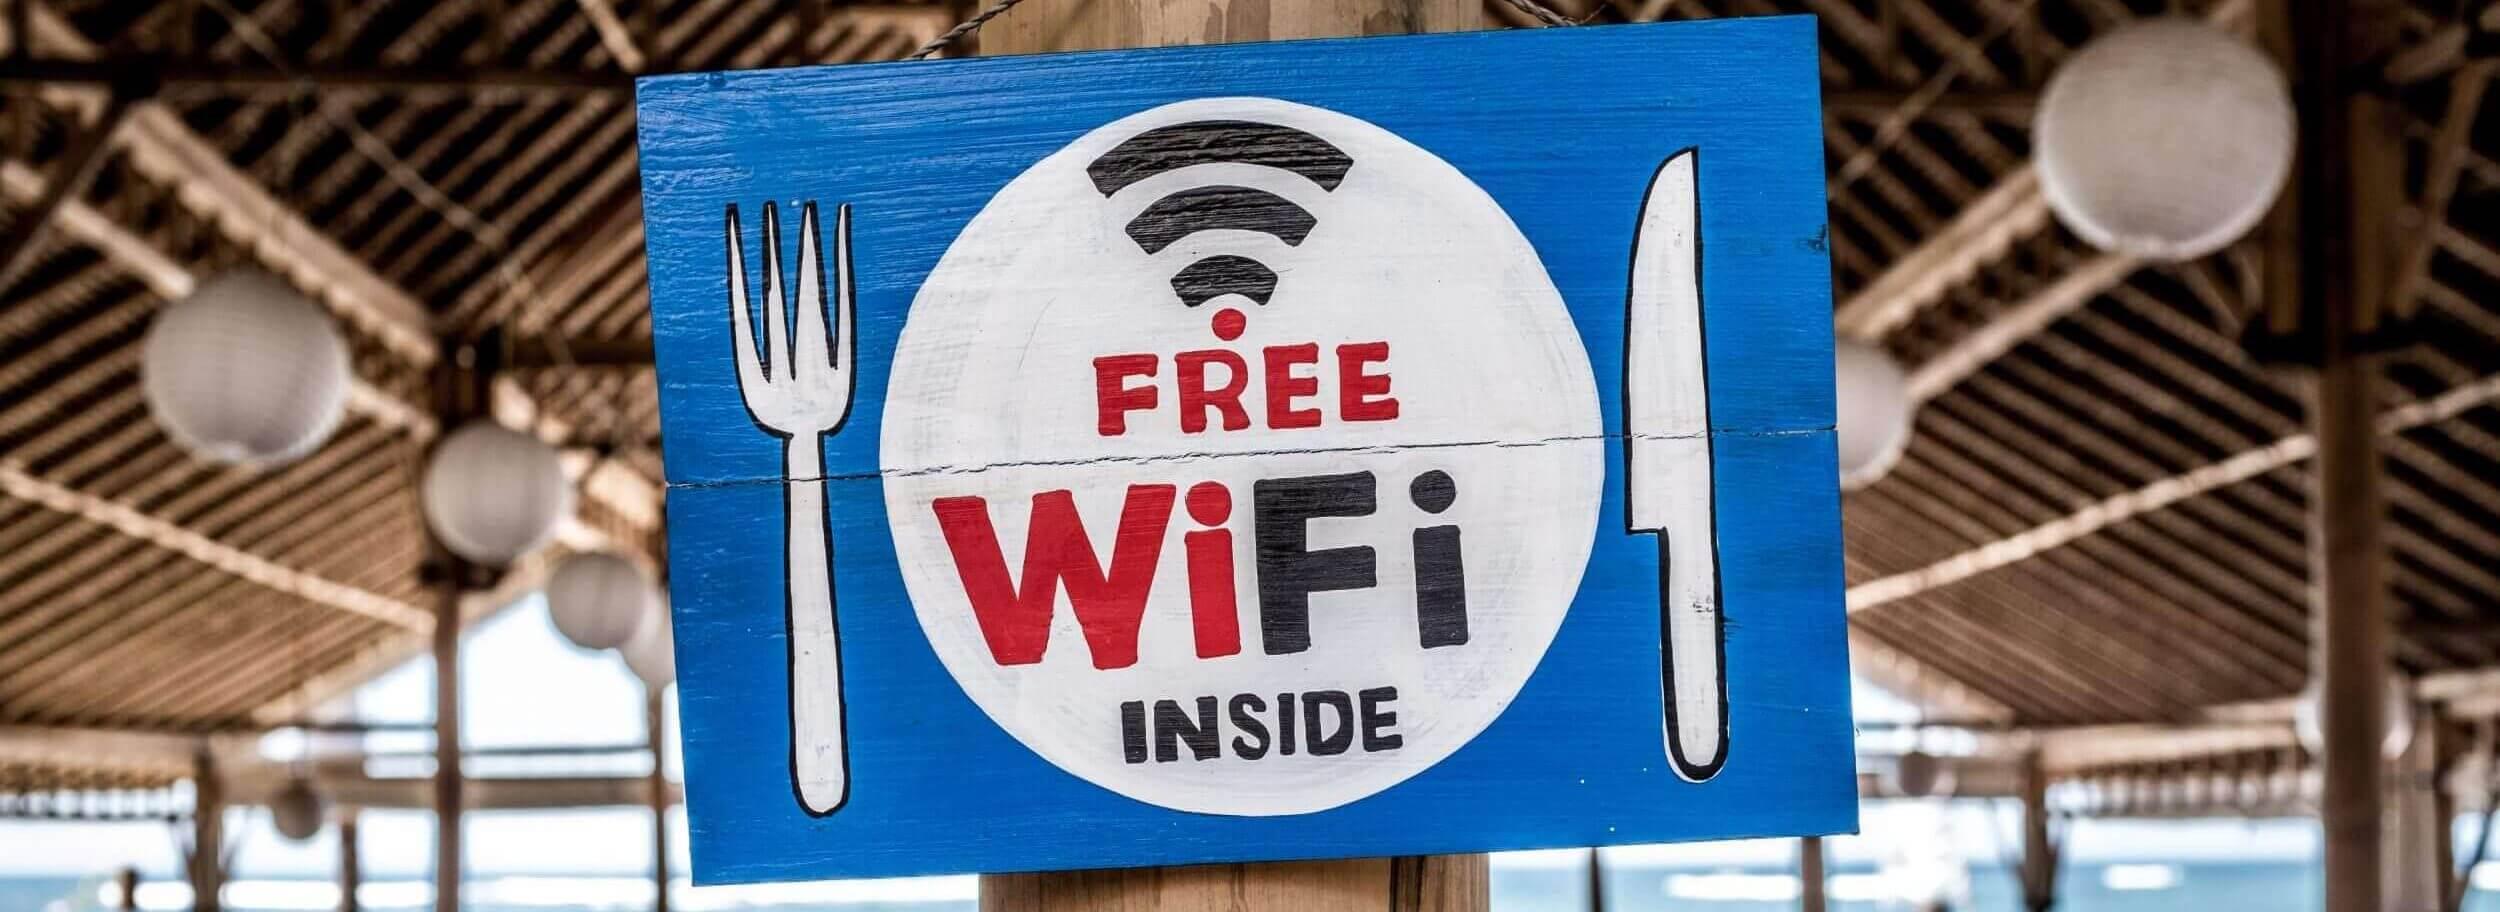 Dangers of Wi-Fi In Restaurants